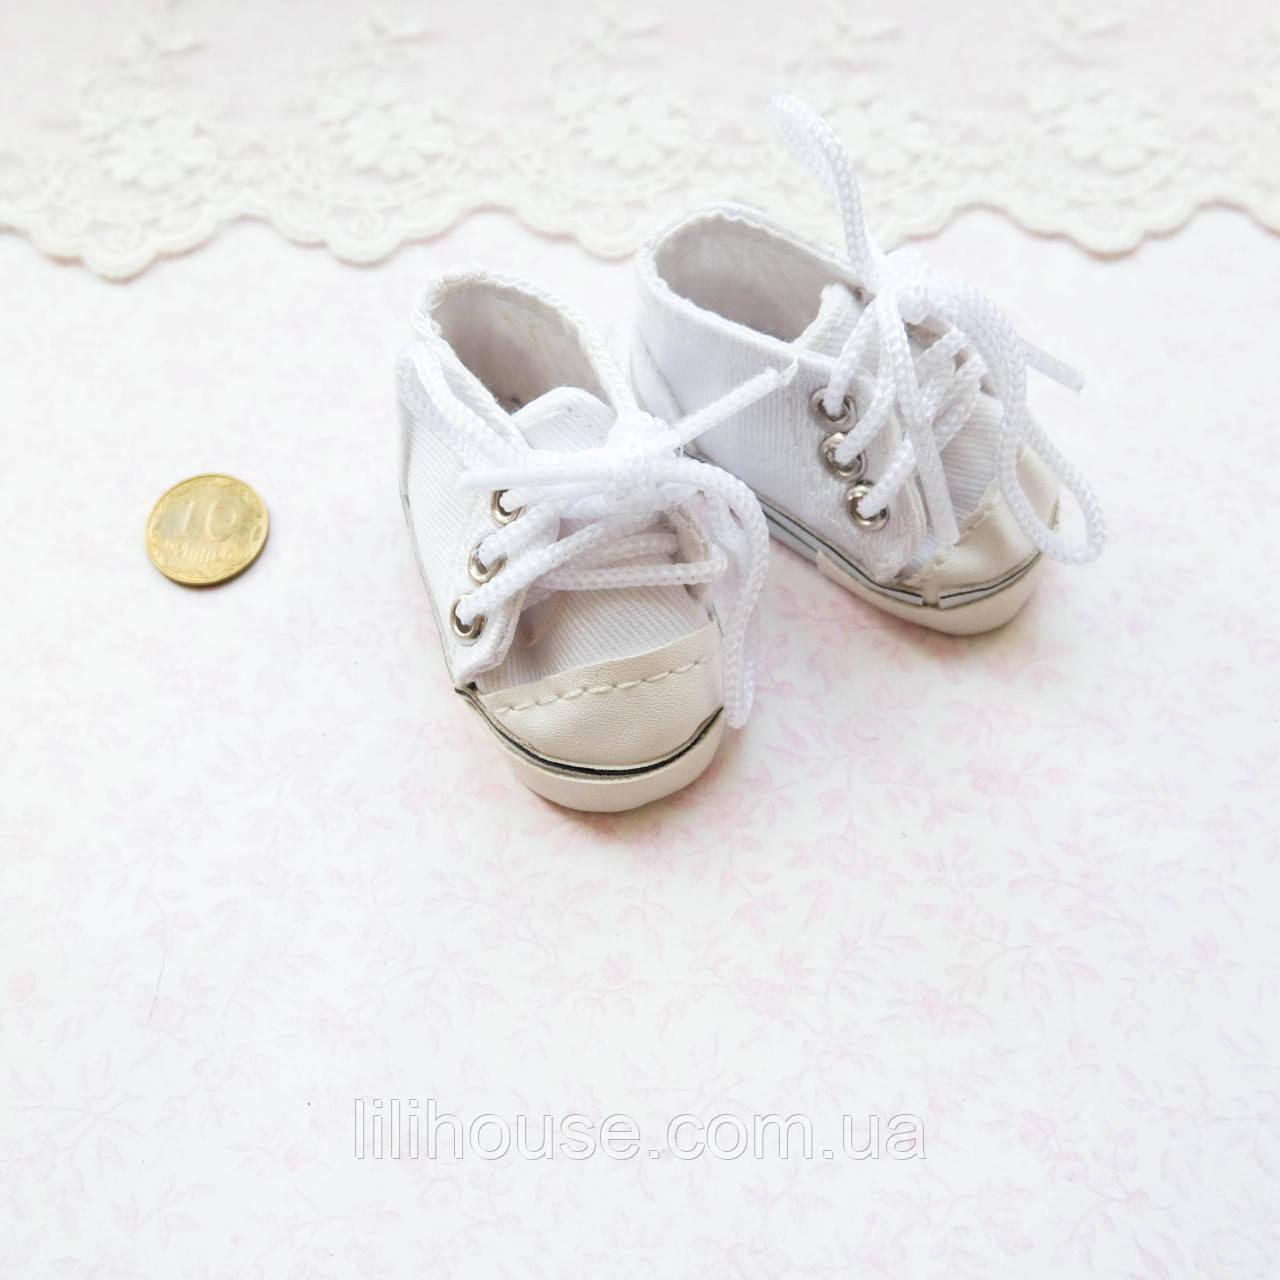 Обувь для кукол Кеды на Шнуровке 6*2.5 см БЕЛЫЕ